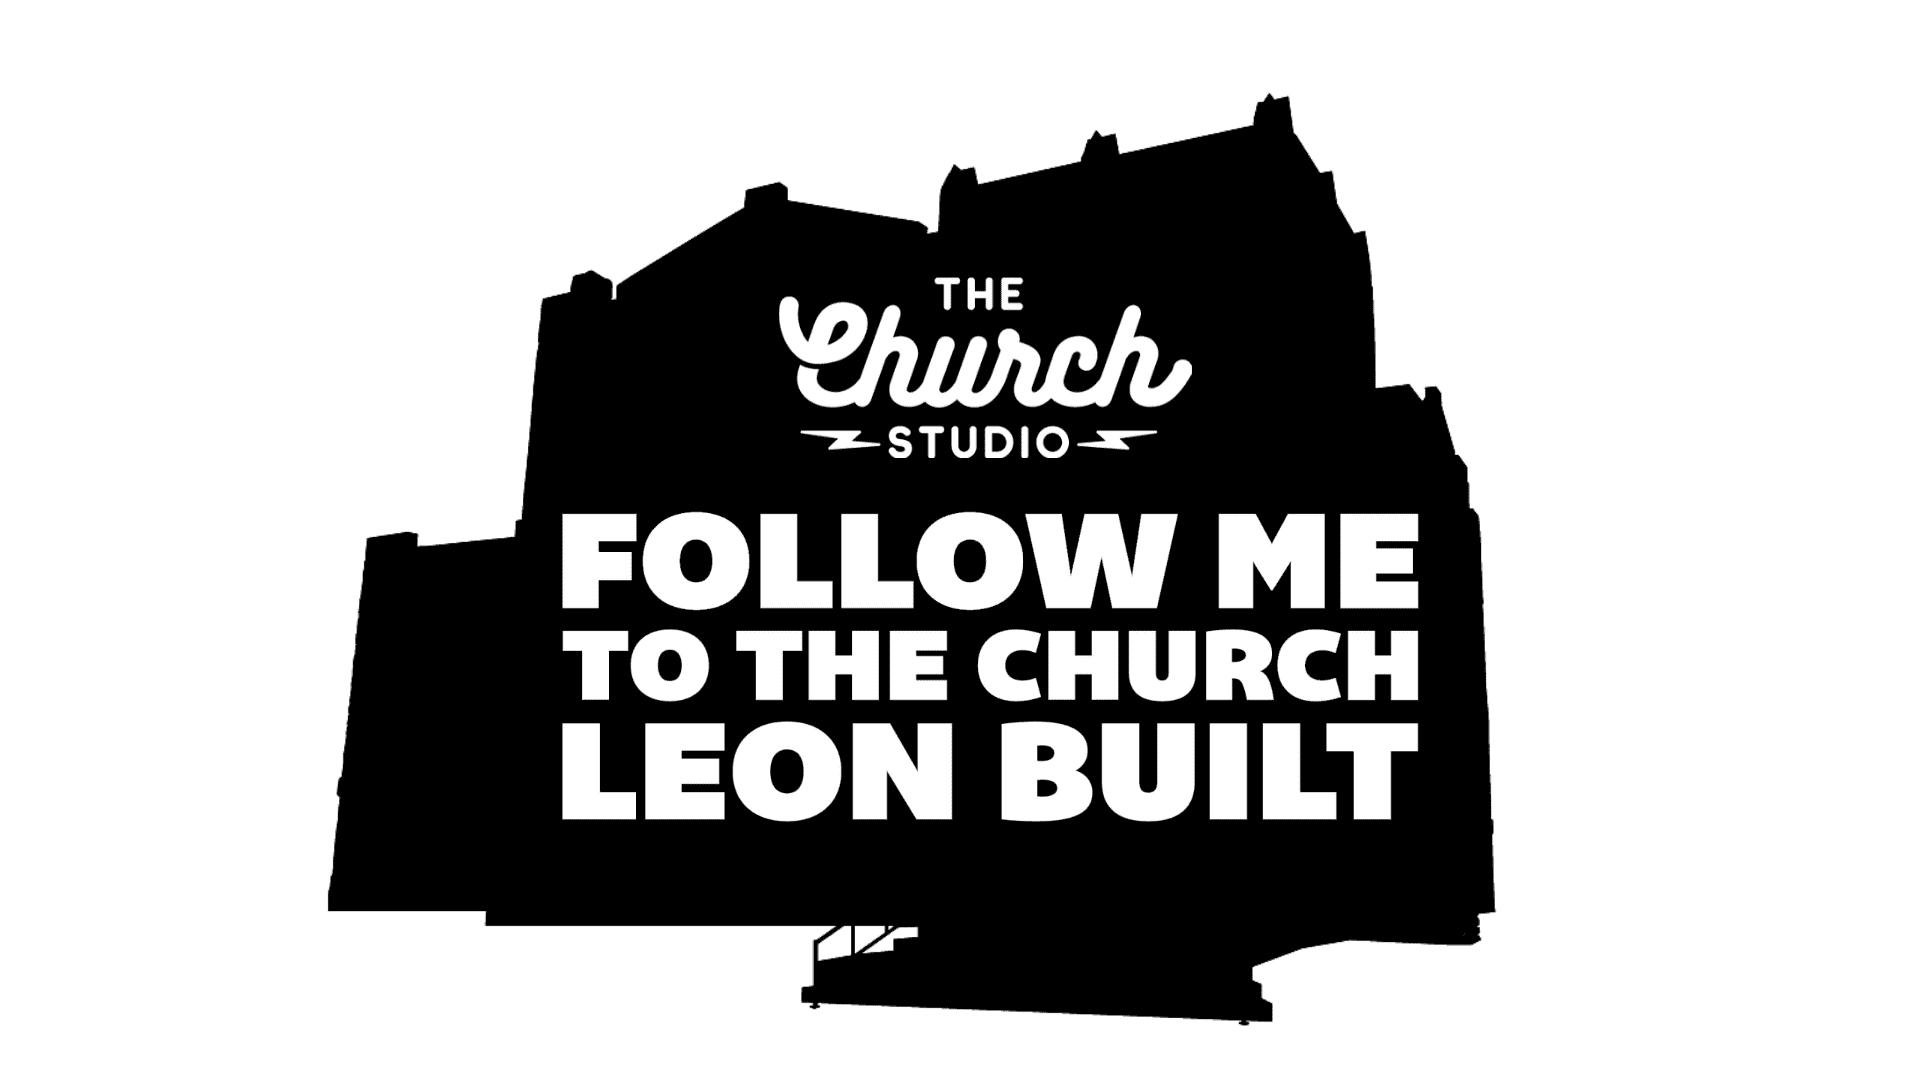 The Church Leon Built